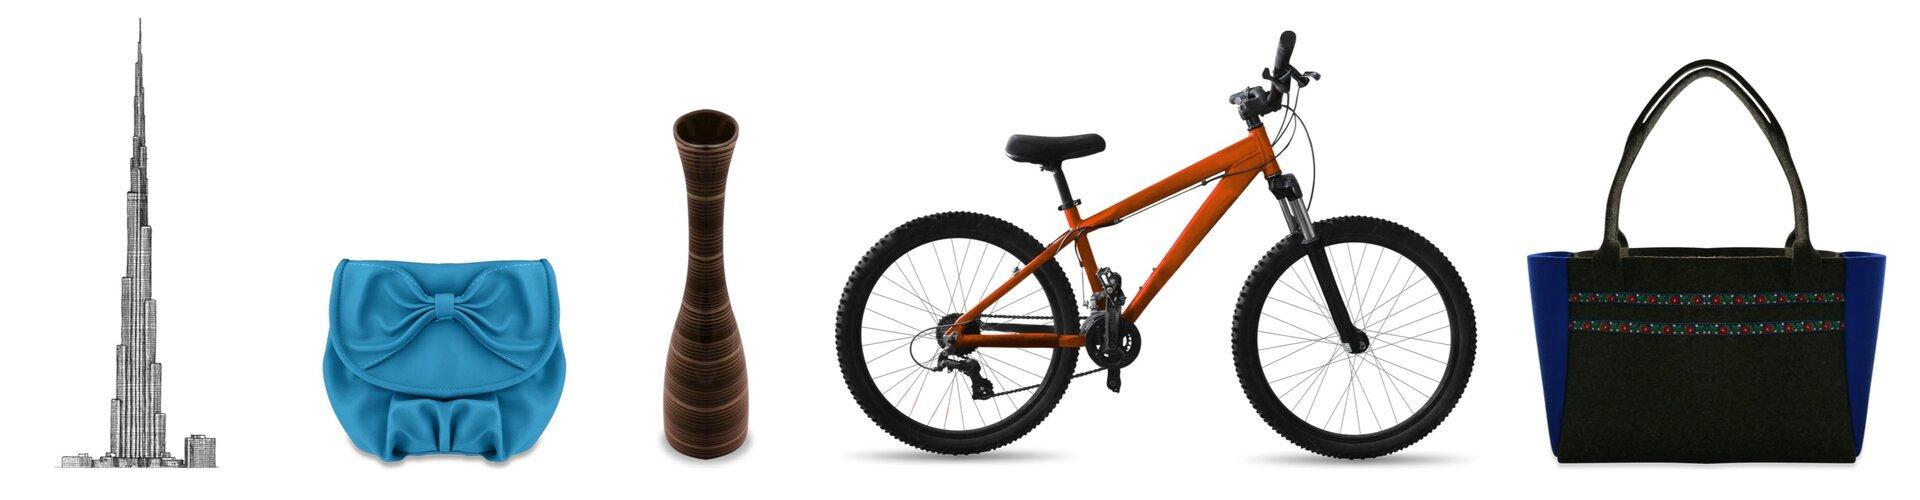 Rysunki pewnej budowli, torebki, wazonu, roweru itorby.